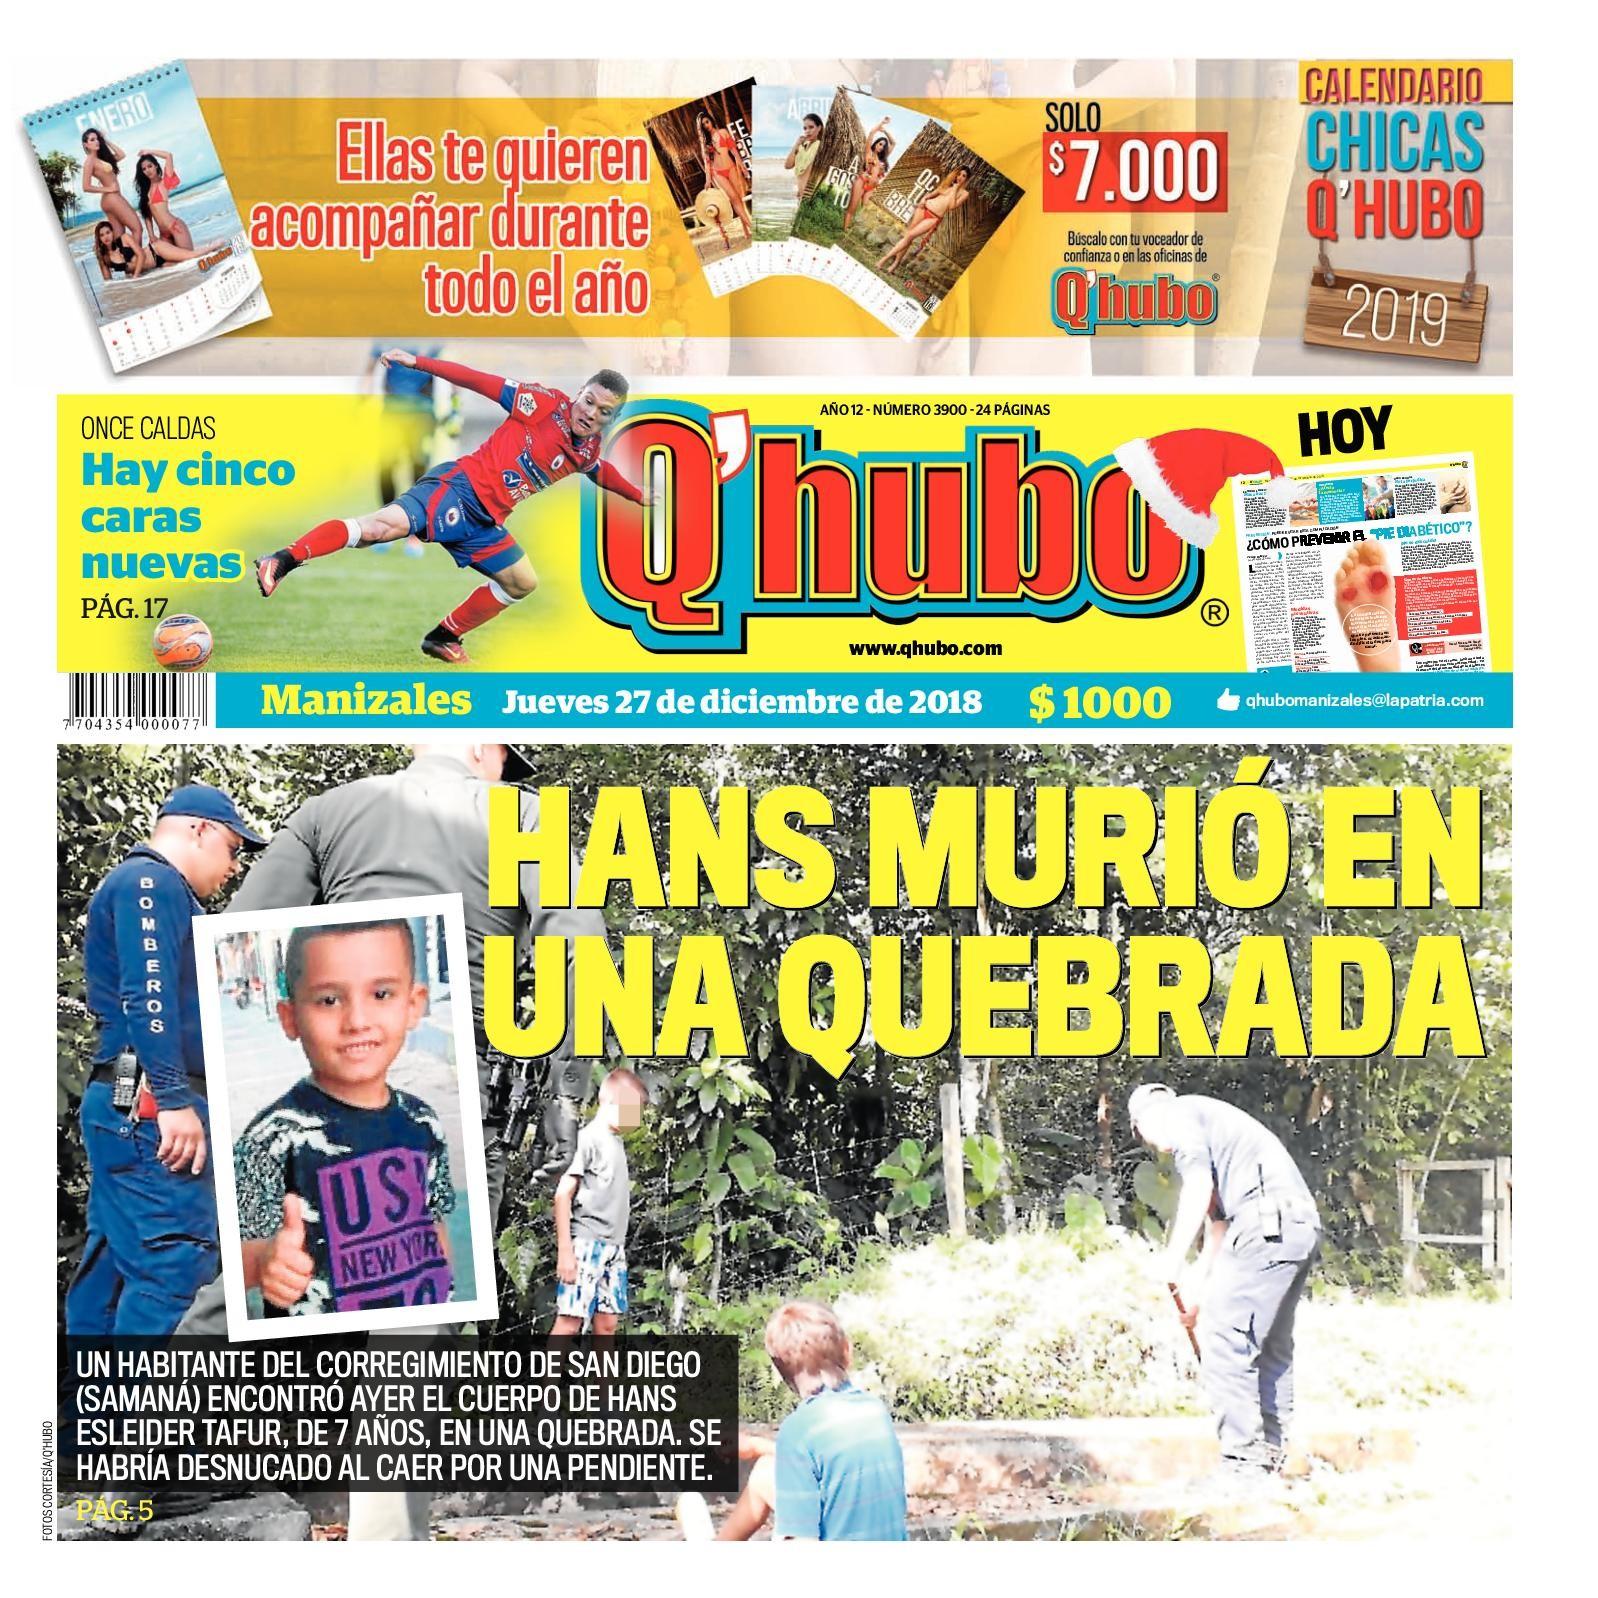 Calendario 2019 Semana Santa Paraguay Más Recientes Calaméo Qa 27 12 18 Of Calendario 2019 Semana Santa Paraguay Recientes Calaméo Diario De Noticias De lava